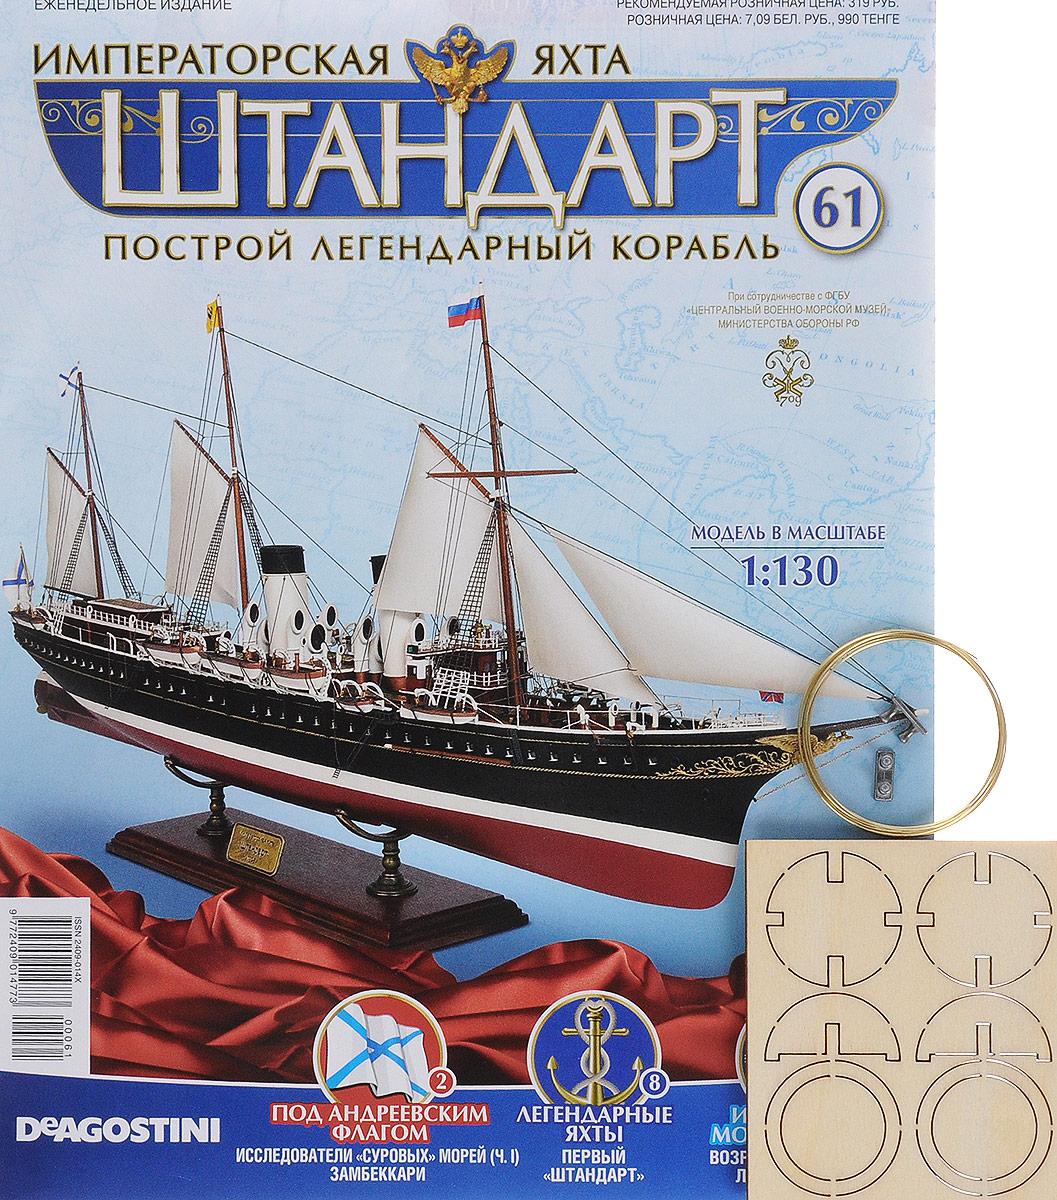 Журнал Императорская яхтаШТАНДАРТ №61